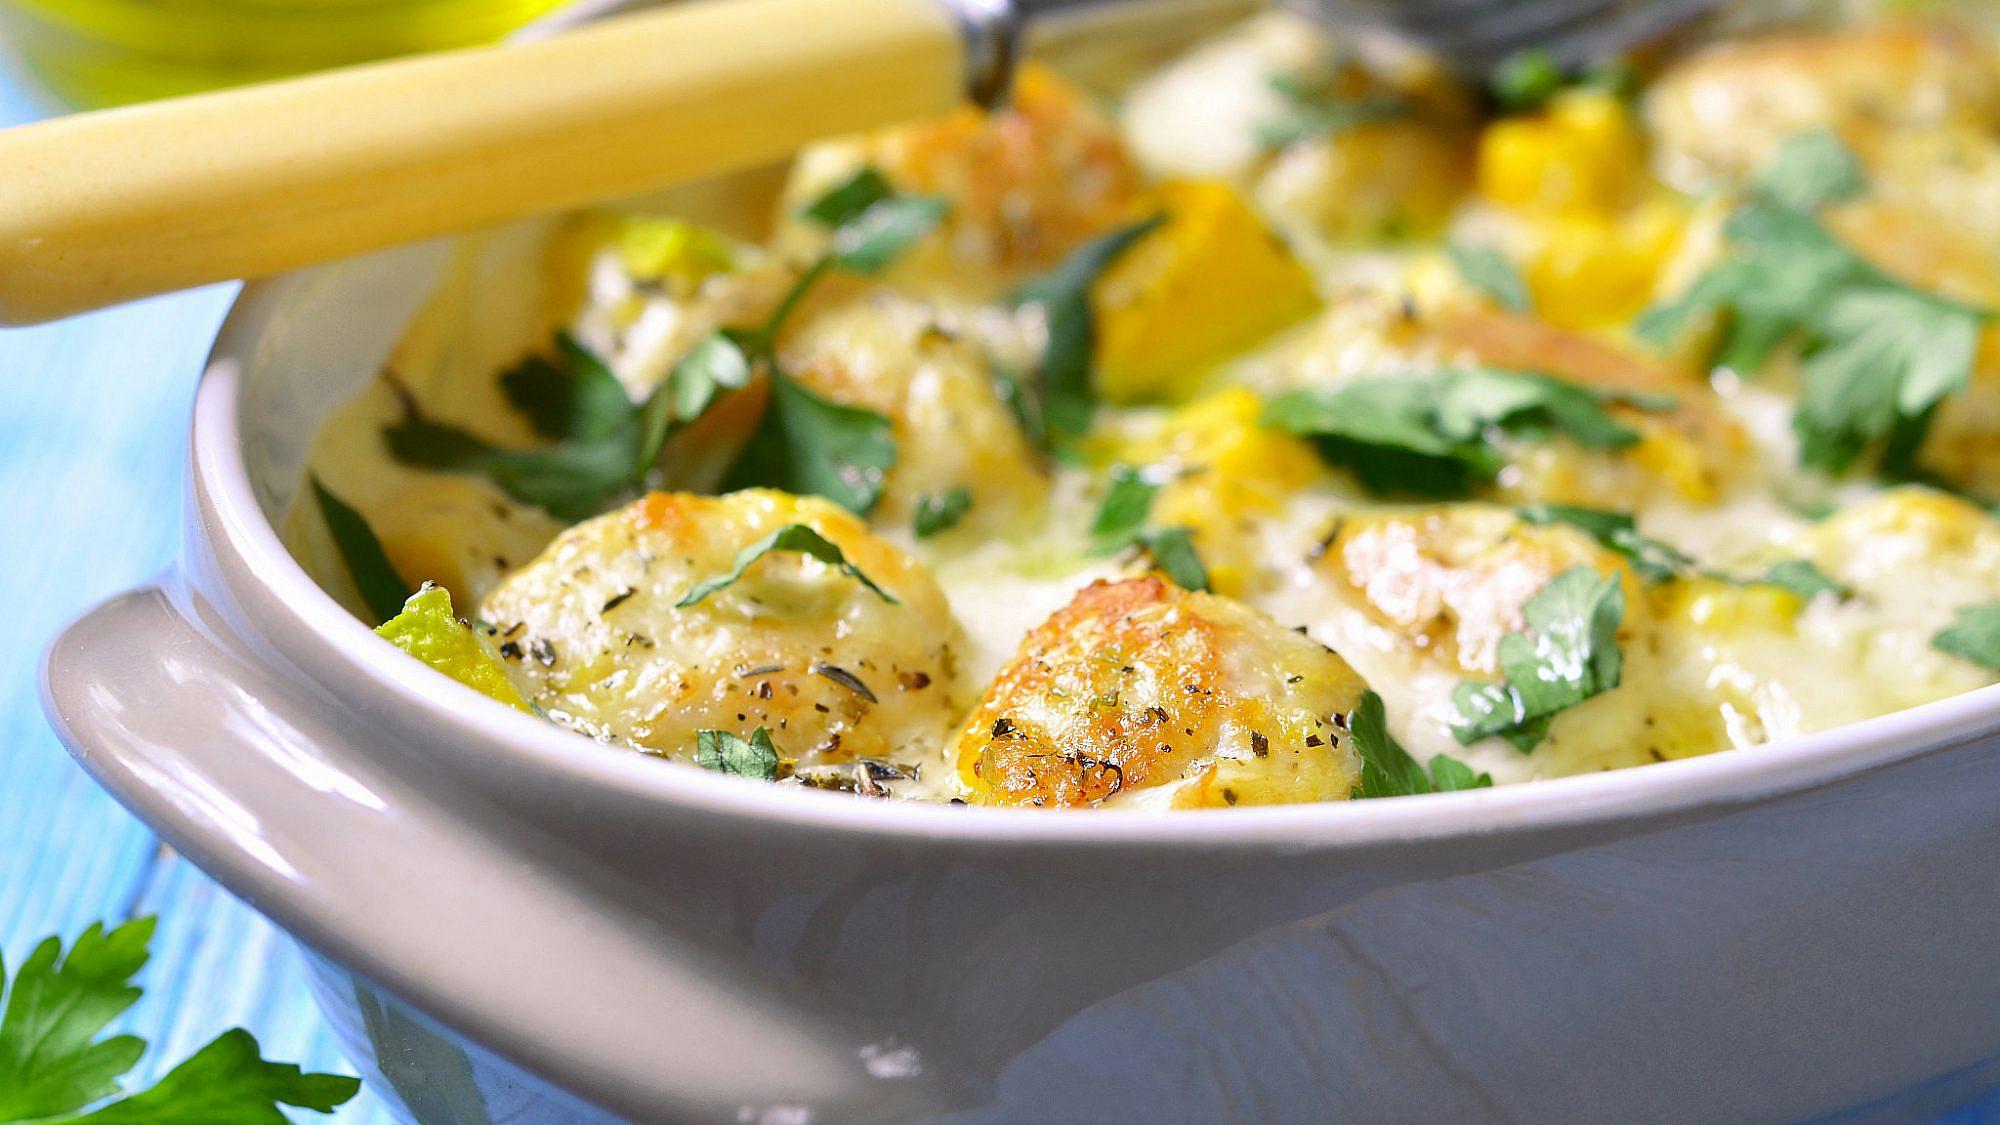 תבשיל קציצות דג מרוקאיות בלימונים כבושים, חומוס וכוסברה של מיכל מוזס (צילום: shutterstock)